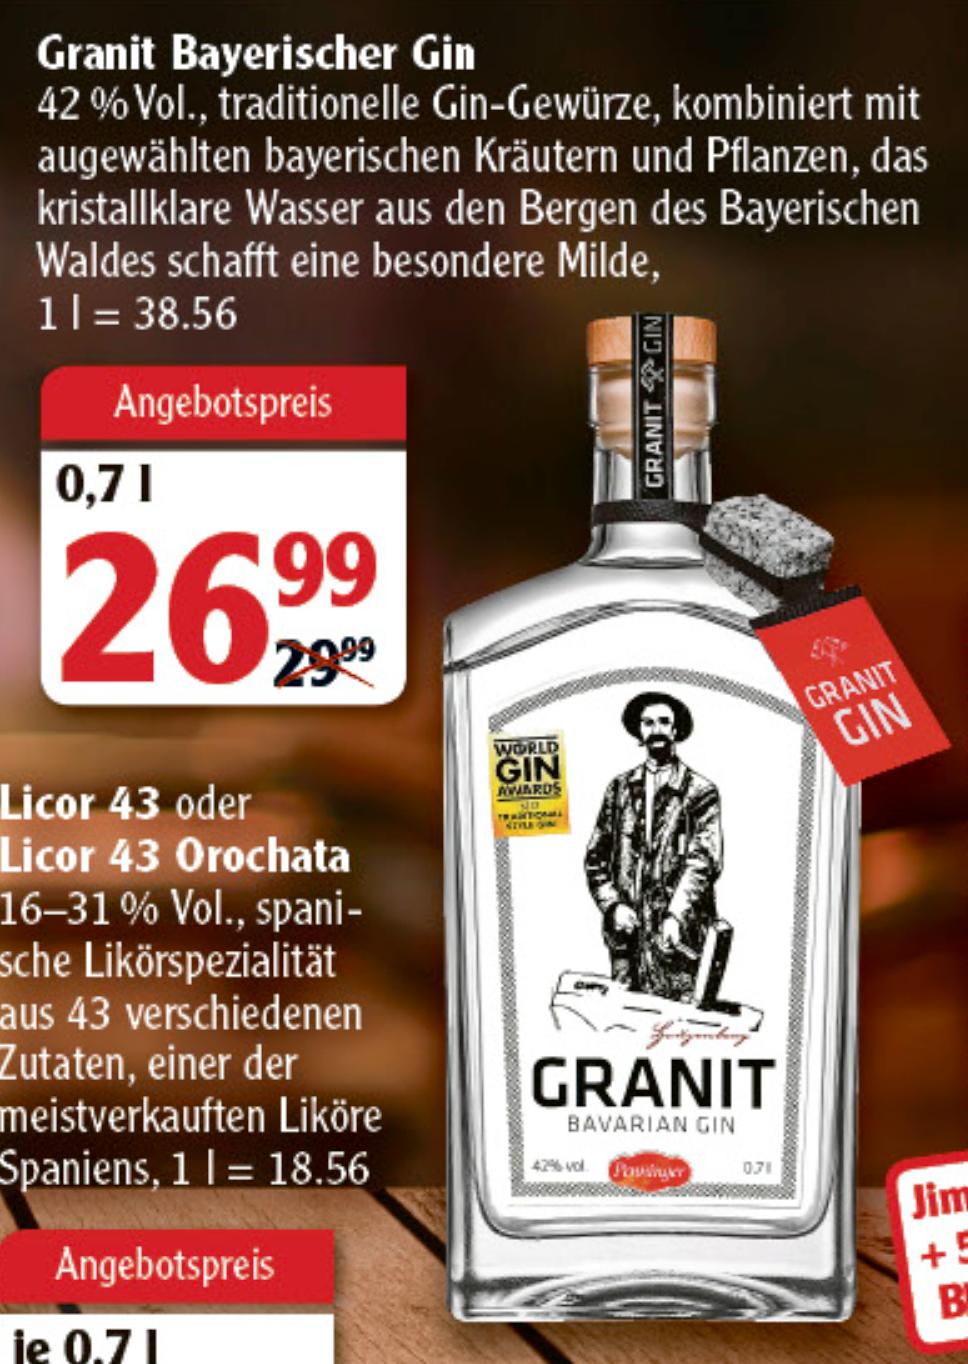 [GLOBUS] Granit Bavarian Gin (1 x 0,7l) (Lokal - Hockenheim-Talhaus)